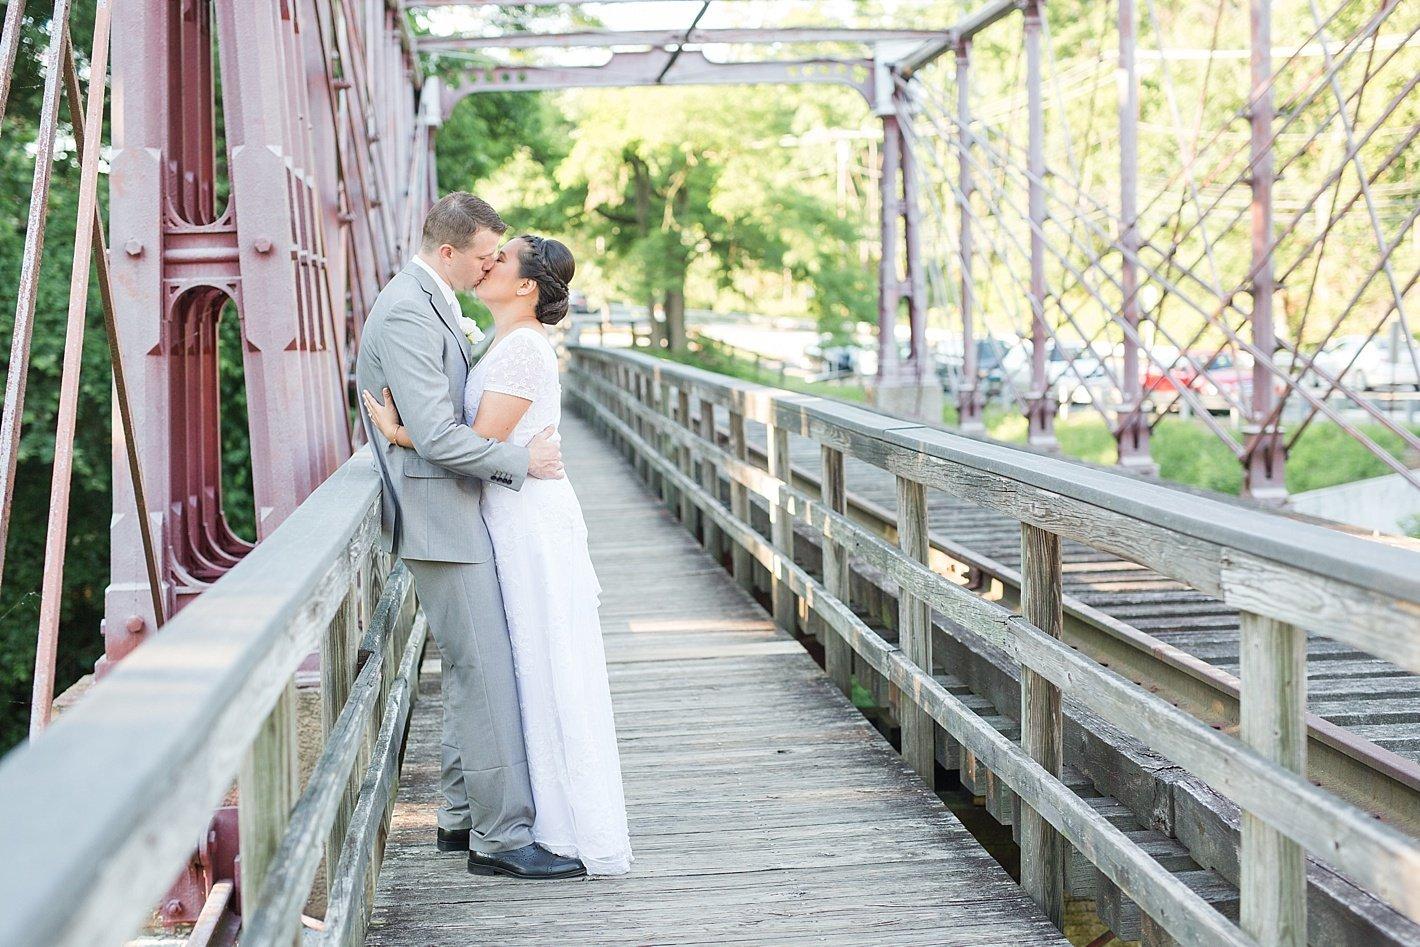 TheGreatRoomatSavageMillweddinghowardcountyweddingphotography-75-1